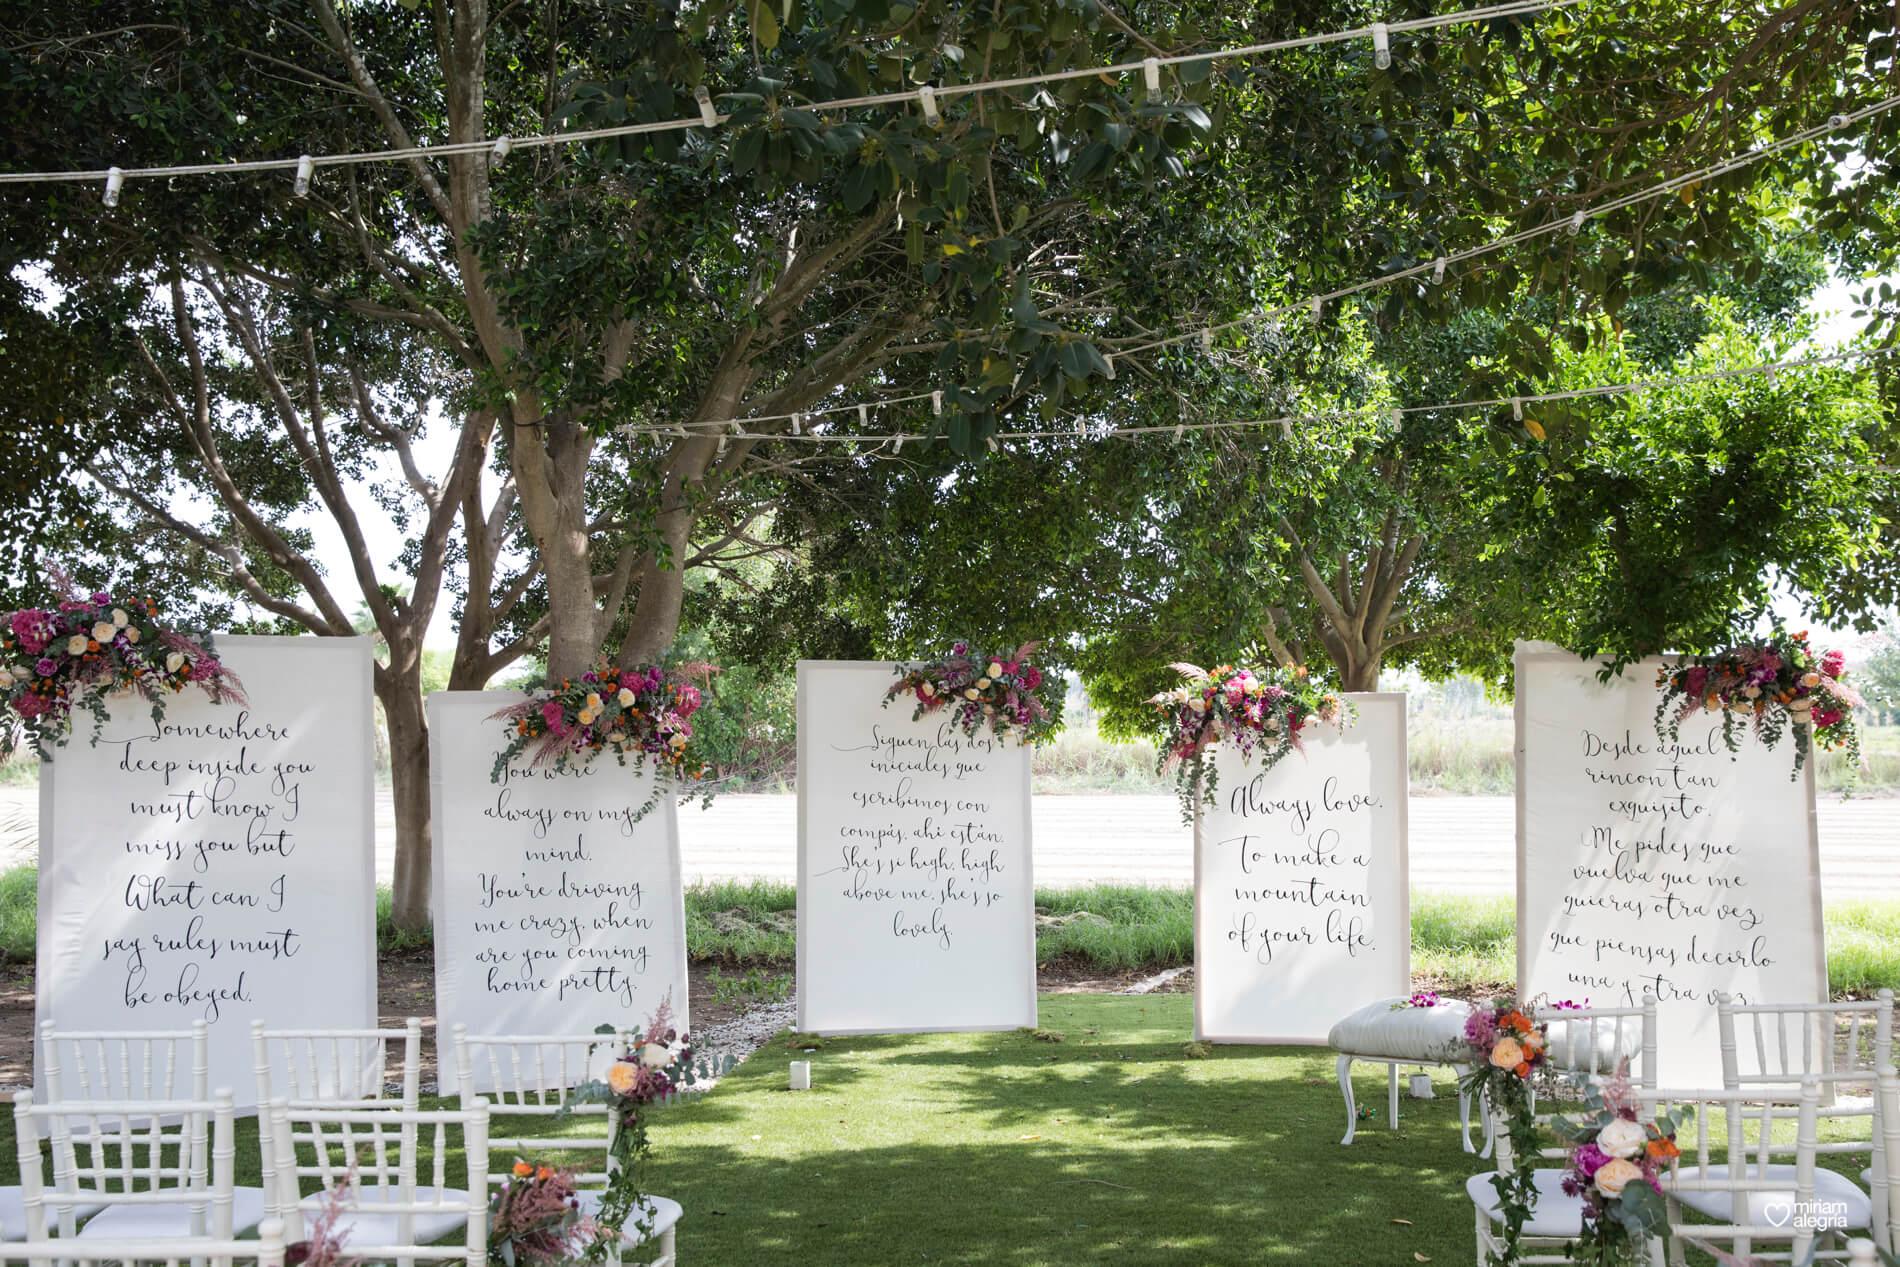 boda-en-finca-villa-vera-de-alemc7-miriam-alegria-fotografos-boda-murcia-98